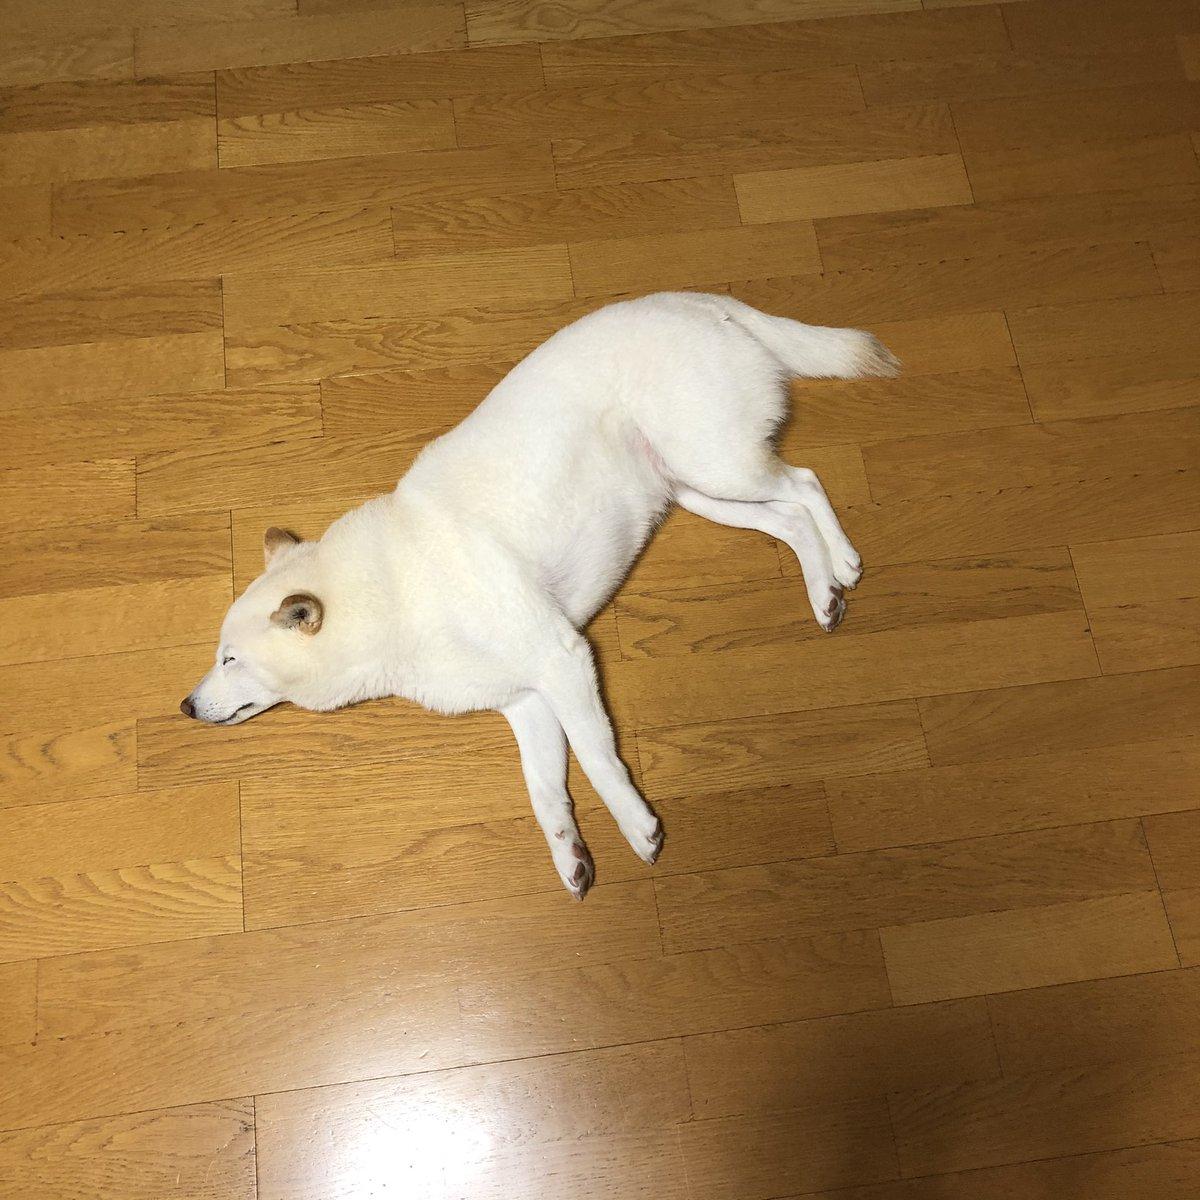 この部屋が床暖房だと言う事に気が付いてしまった犬